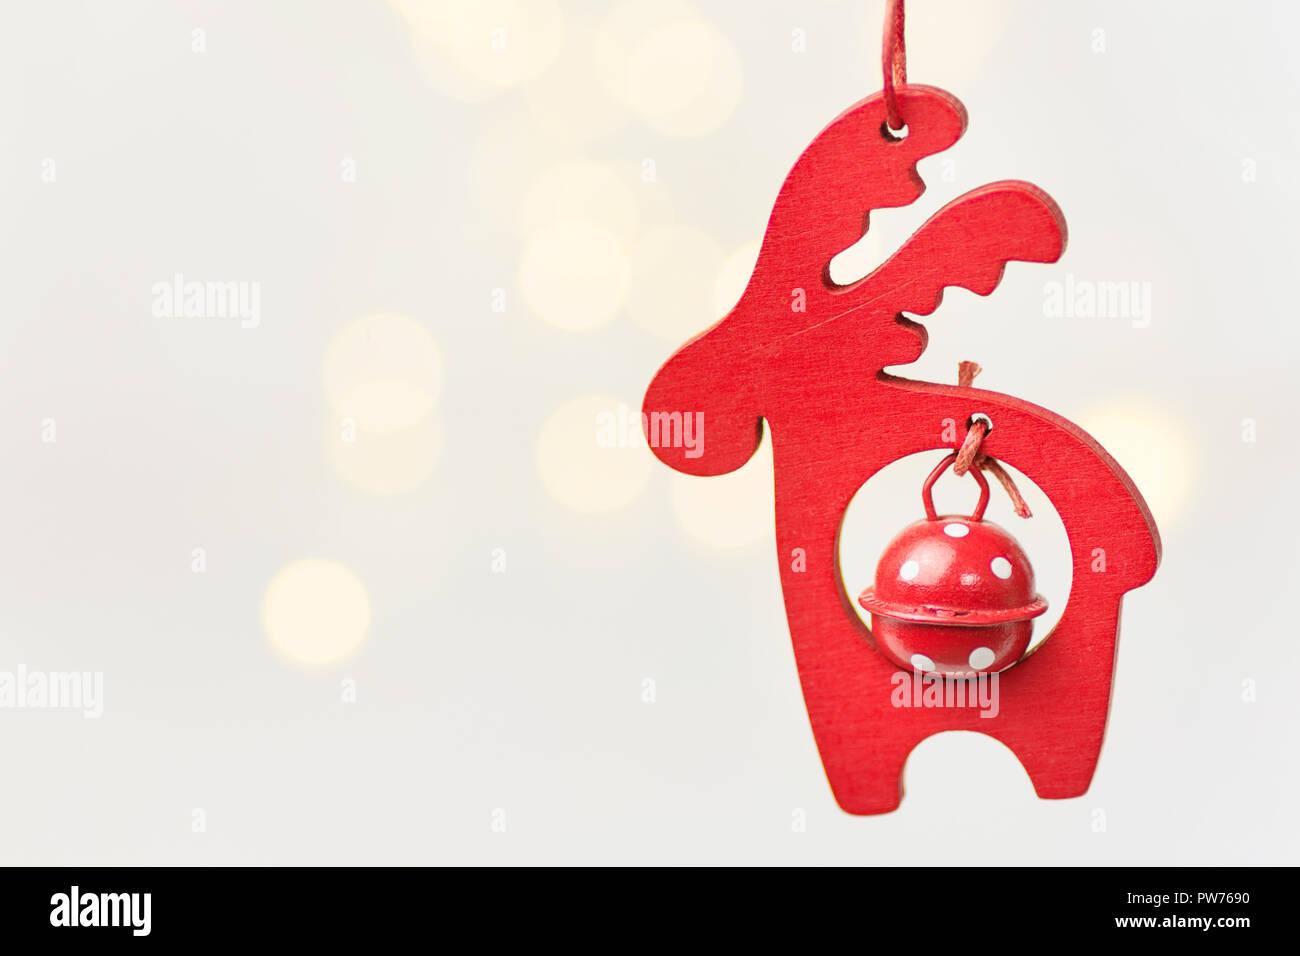 Holz- weihnachtsverzierung Rotwild mit Glocke hängen auf weißem Hintergrund mit goldenen Girlanden bokeh leuchtet. Pastellfarben. Magischer Urlaub Atmosphäre. Cl Stockbild